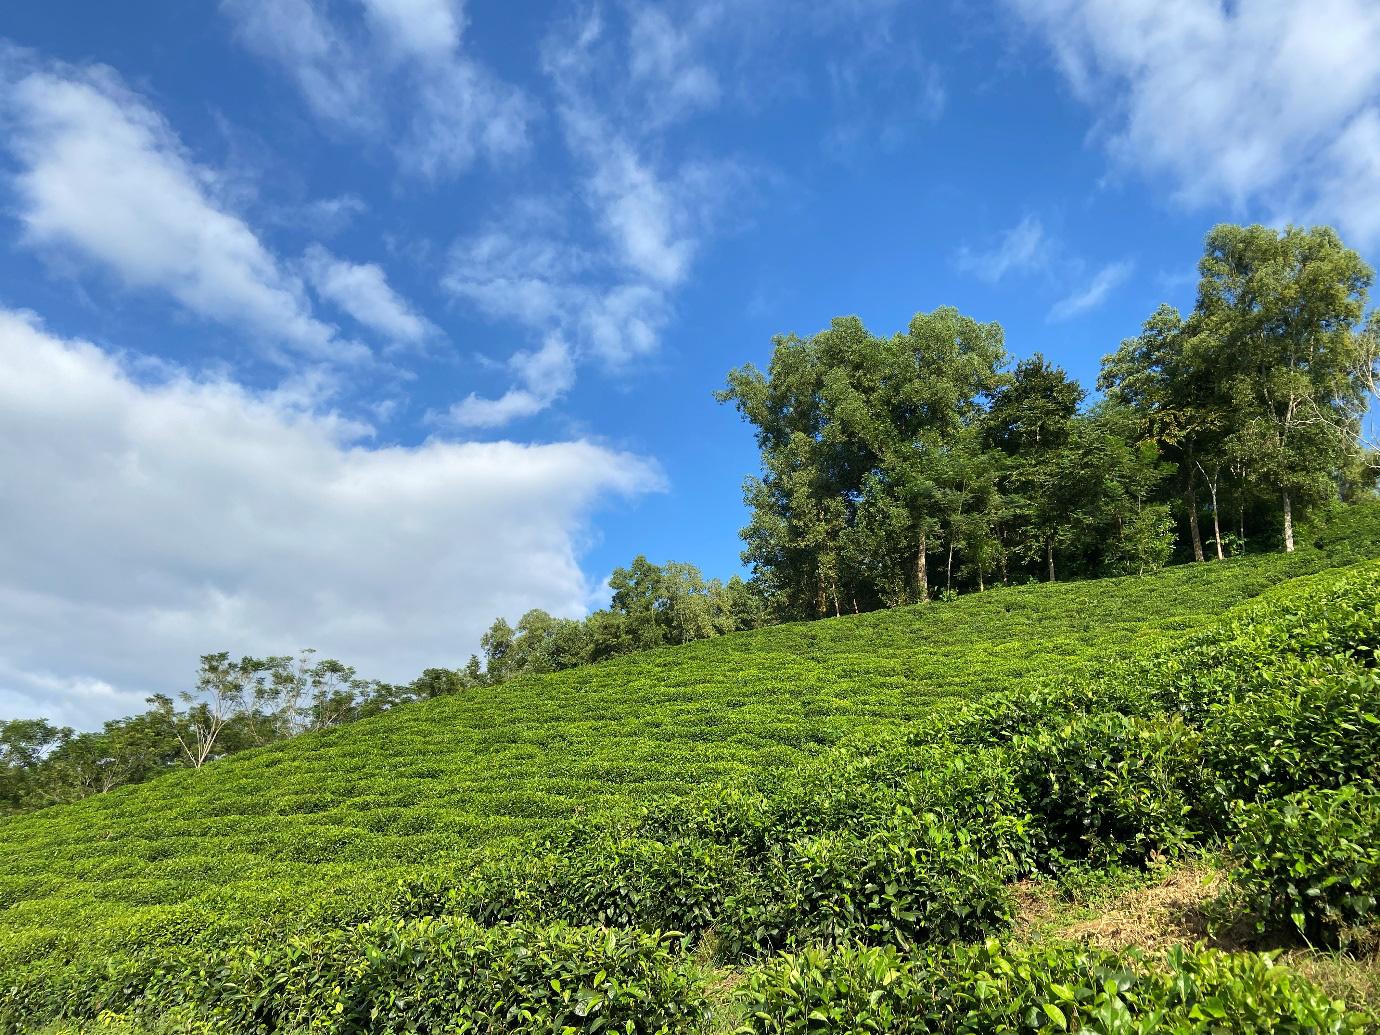 Thứ trà xanh làm từ cây chè sống nửa thế kỷ ở Thái Nguyên, giữ trọn hương vị truyền thống, ai uống cũng mê - Ảnh 2.